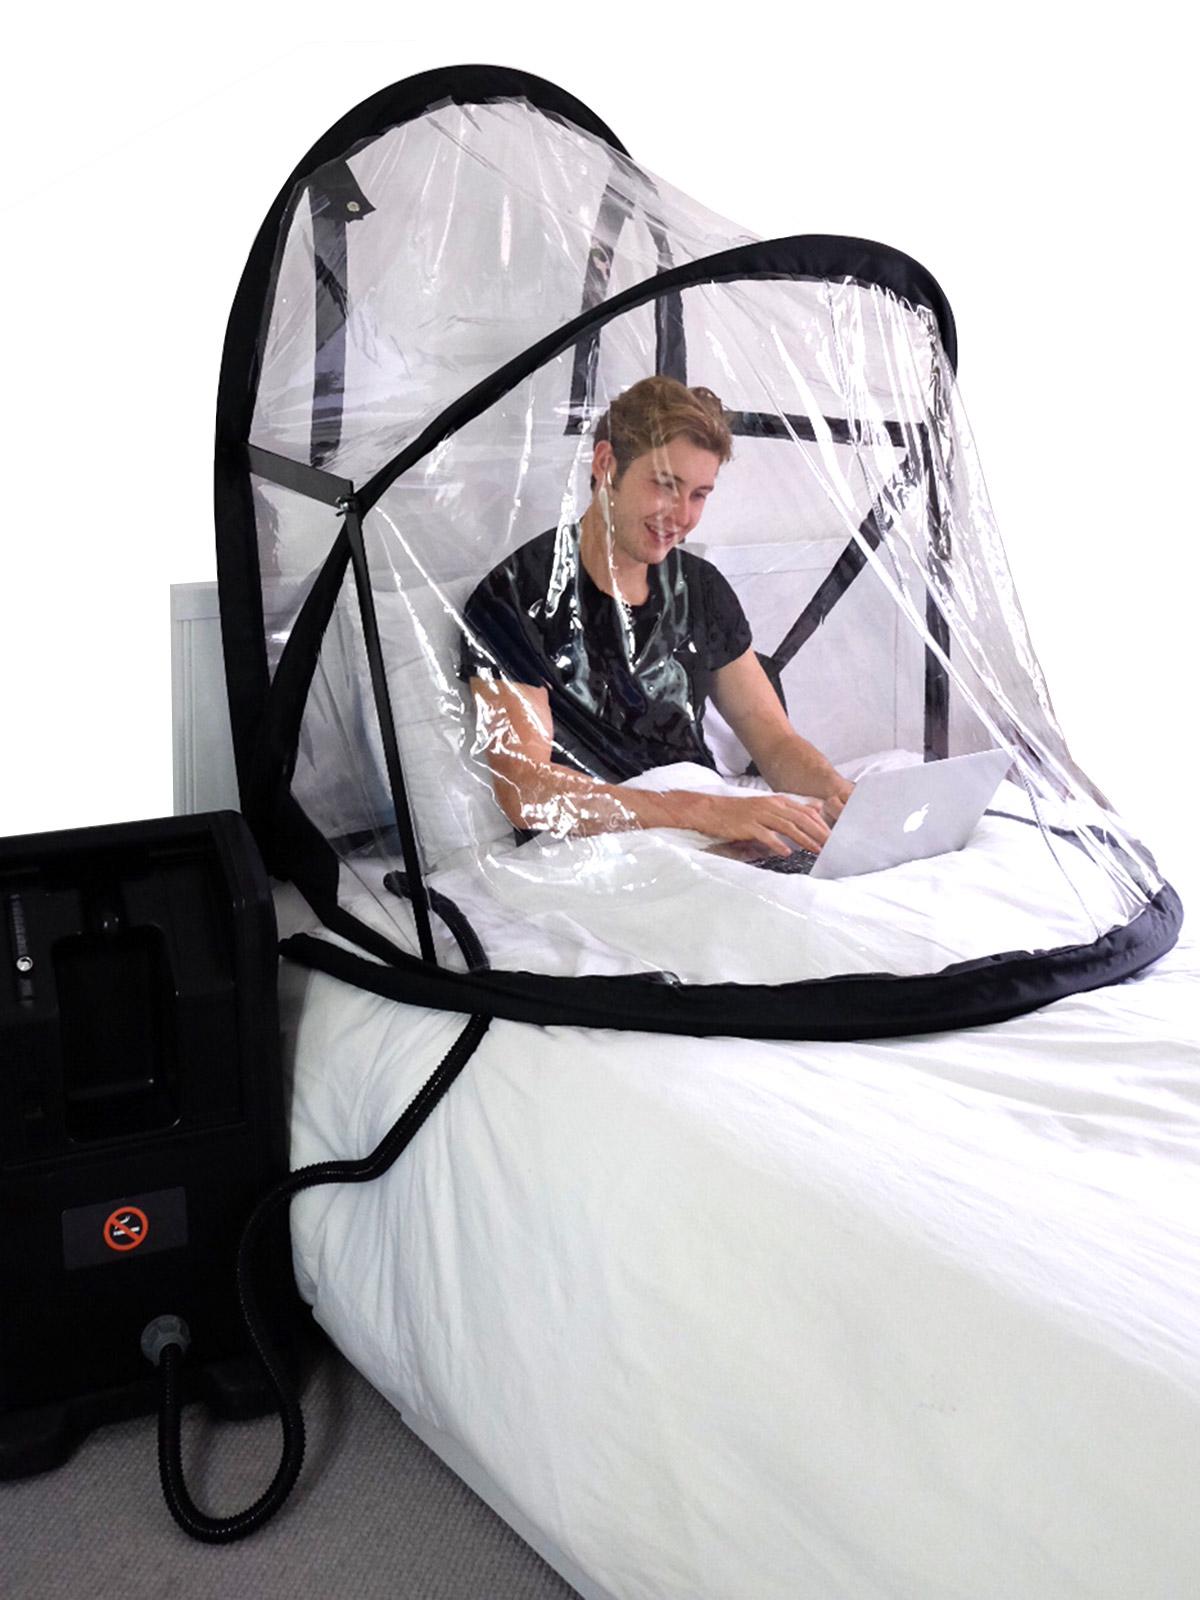 Oxy Hood Altitude Sleeping Tent